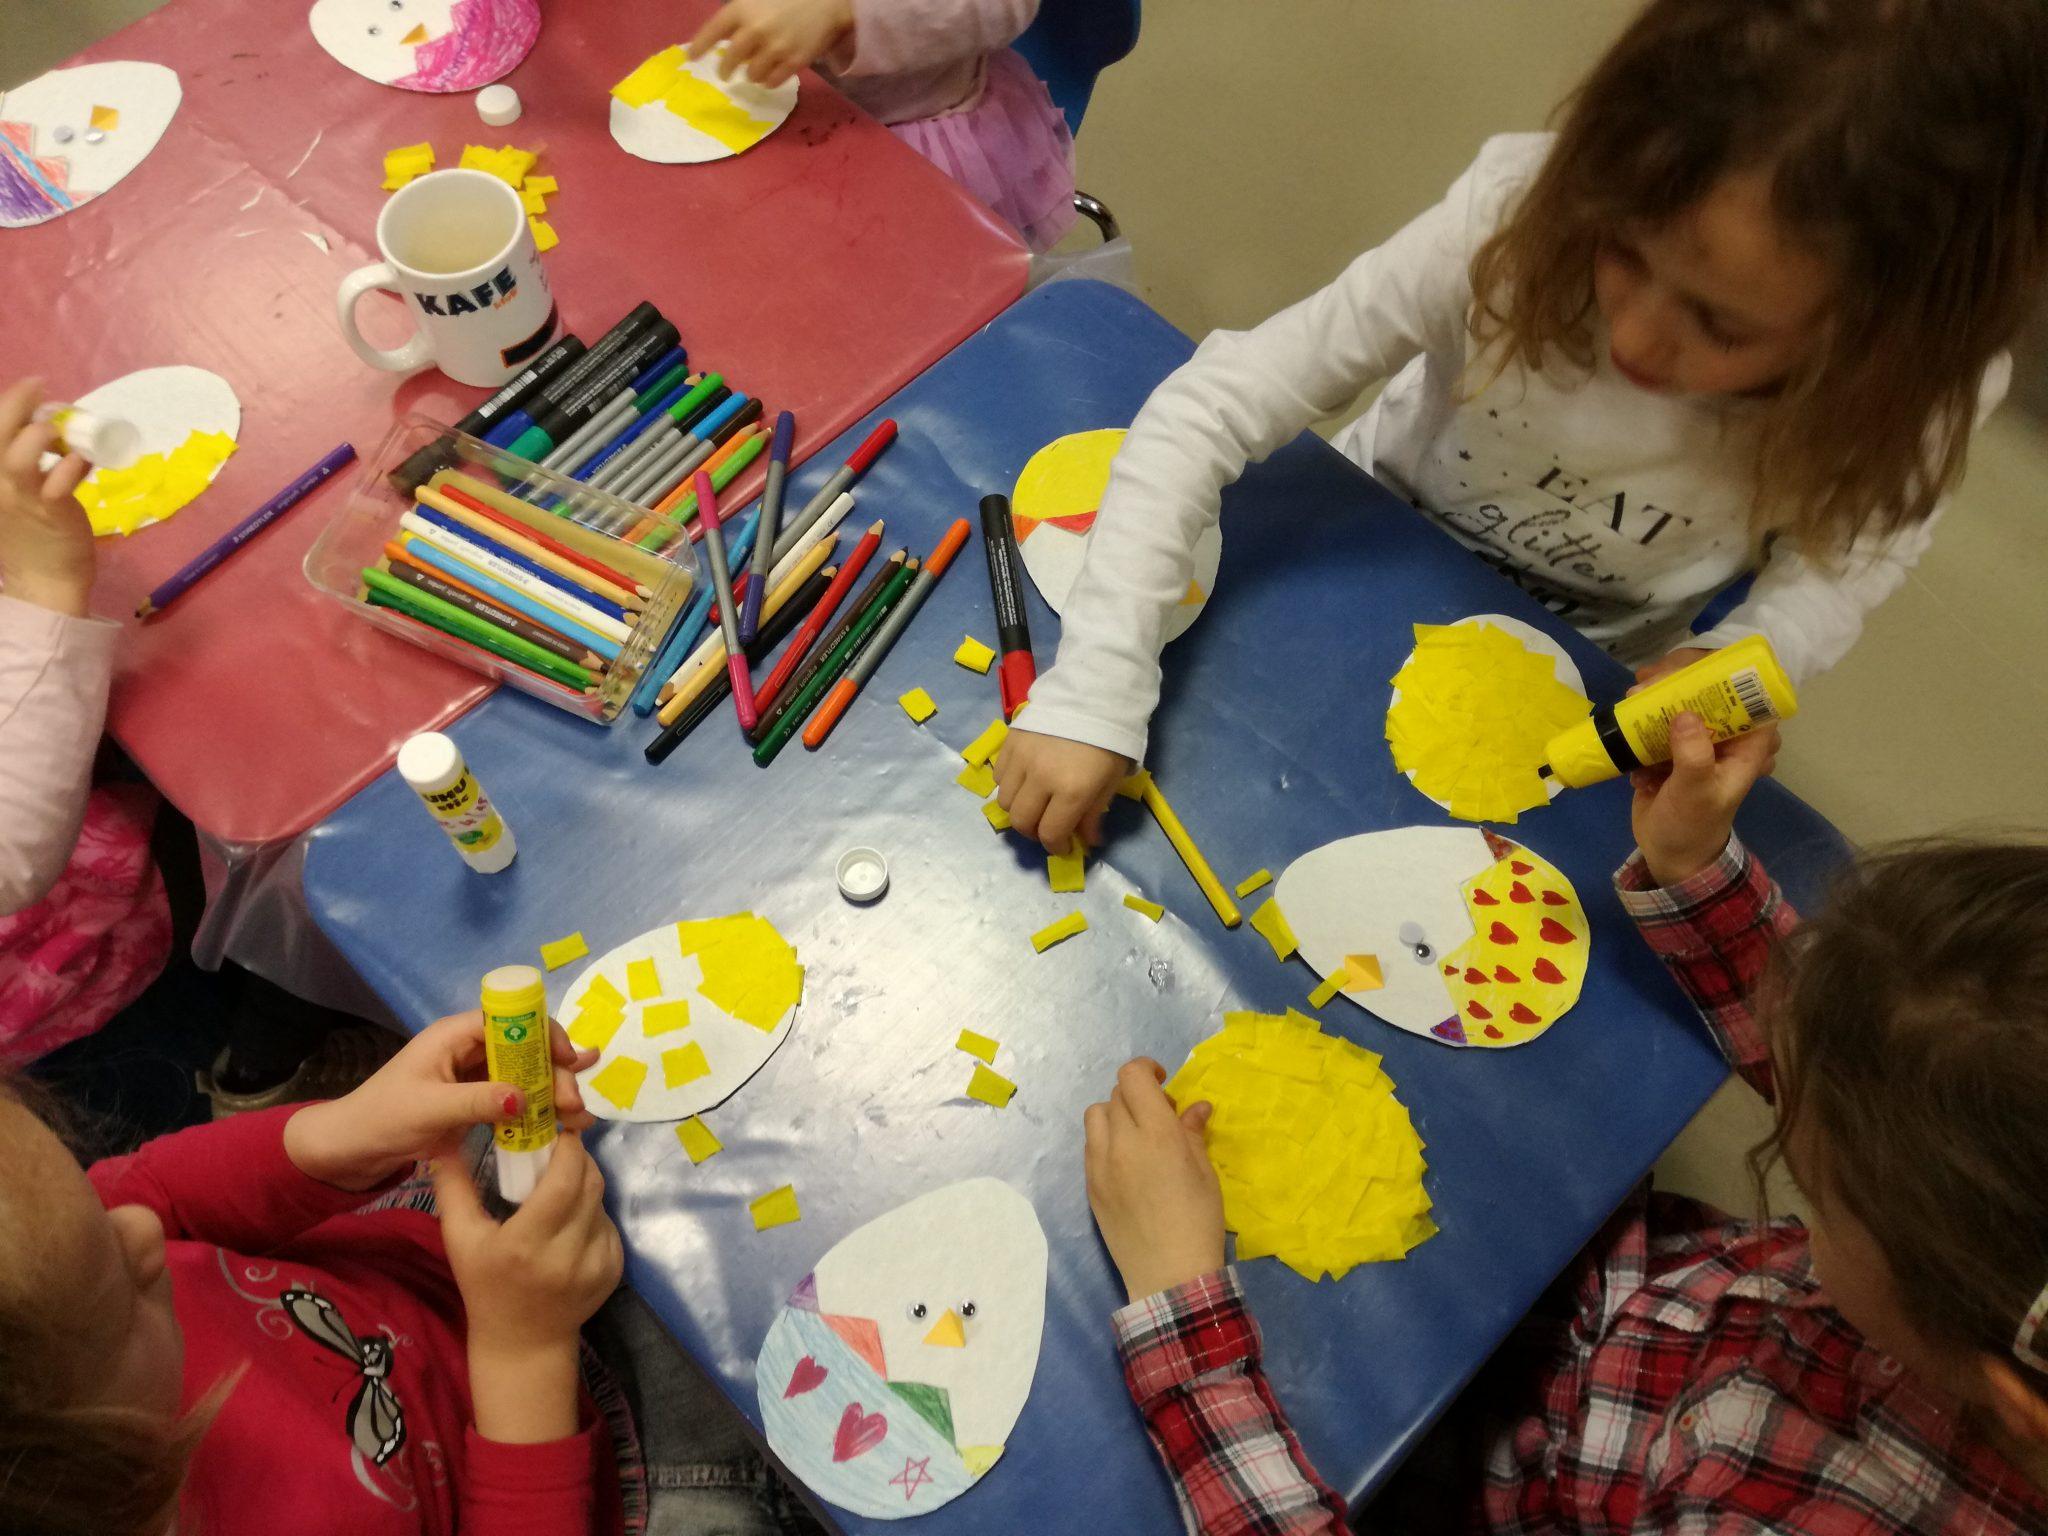 IMG 20190412 180113 - Pravljična ura in ustvarjalna delavnica za otroke od 4. leta dalje - Cerknica